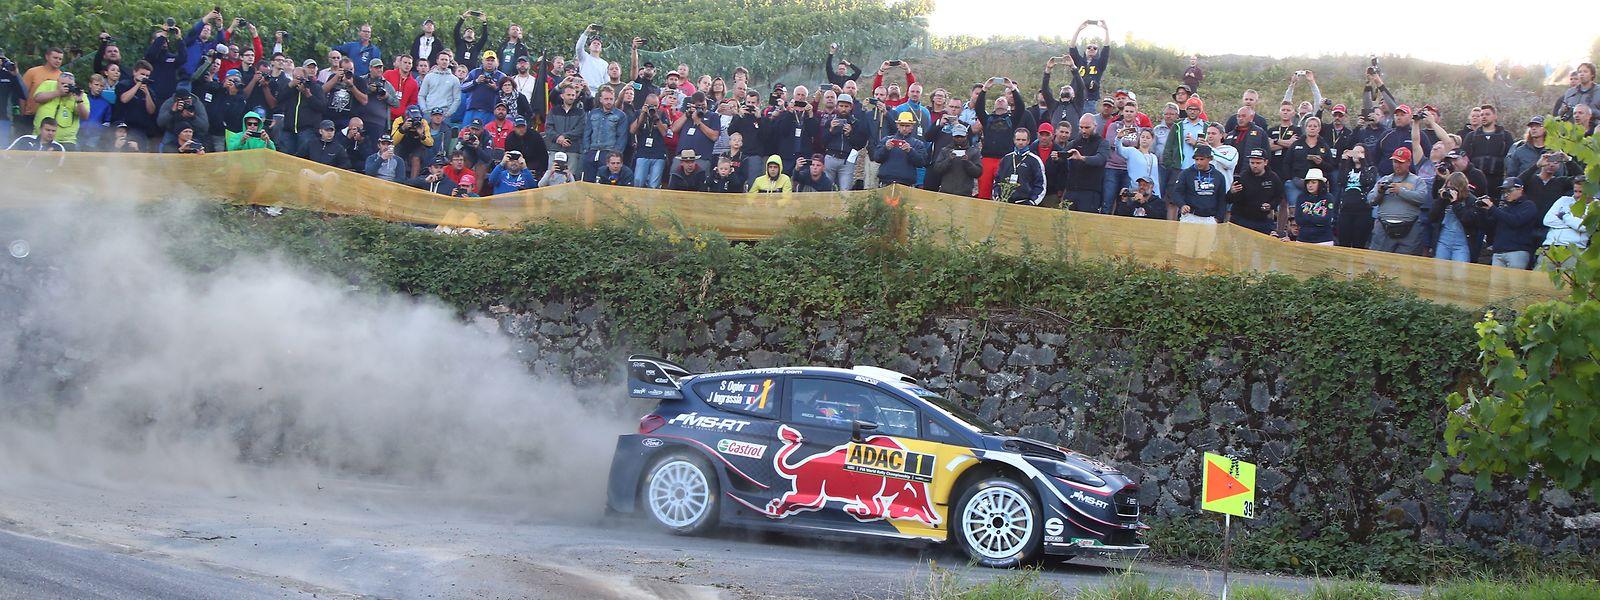 Sébastien Ogier und seine Konkurrenten begeistern die Leute am Streckenrand.